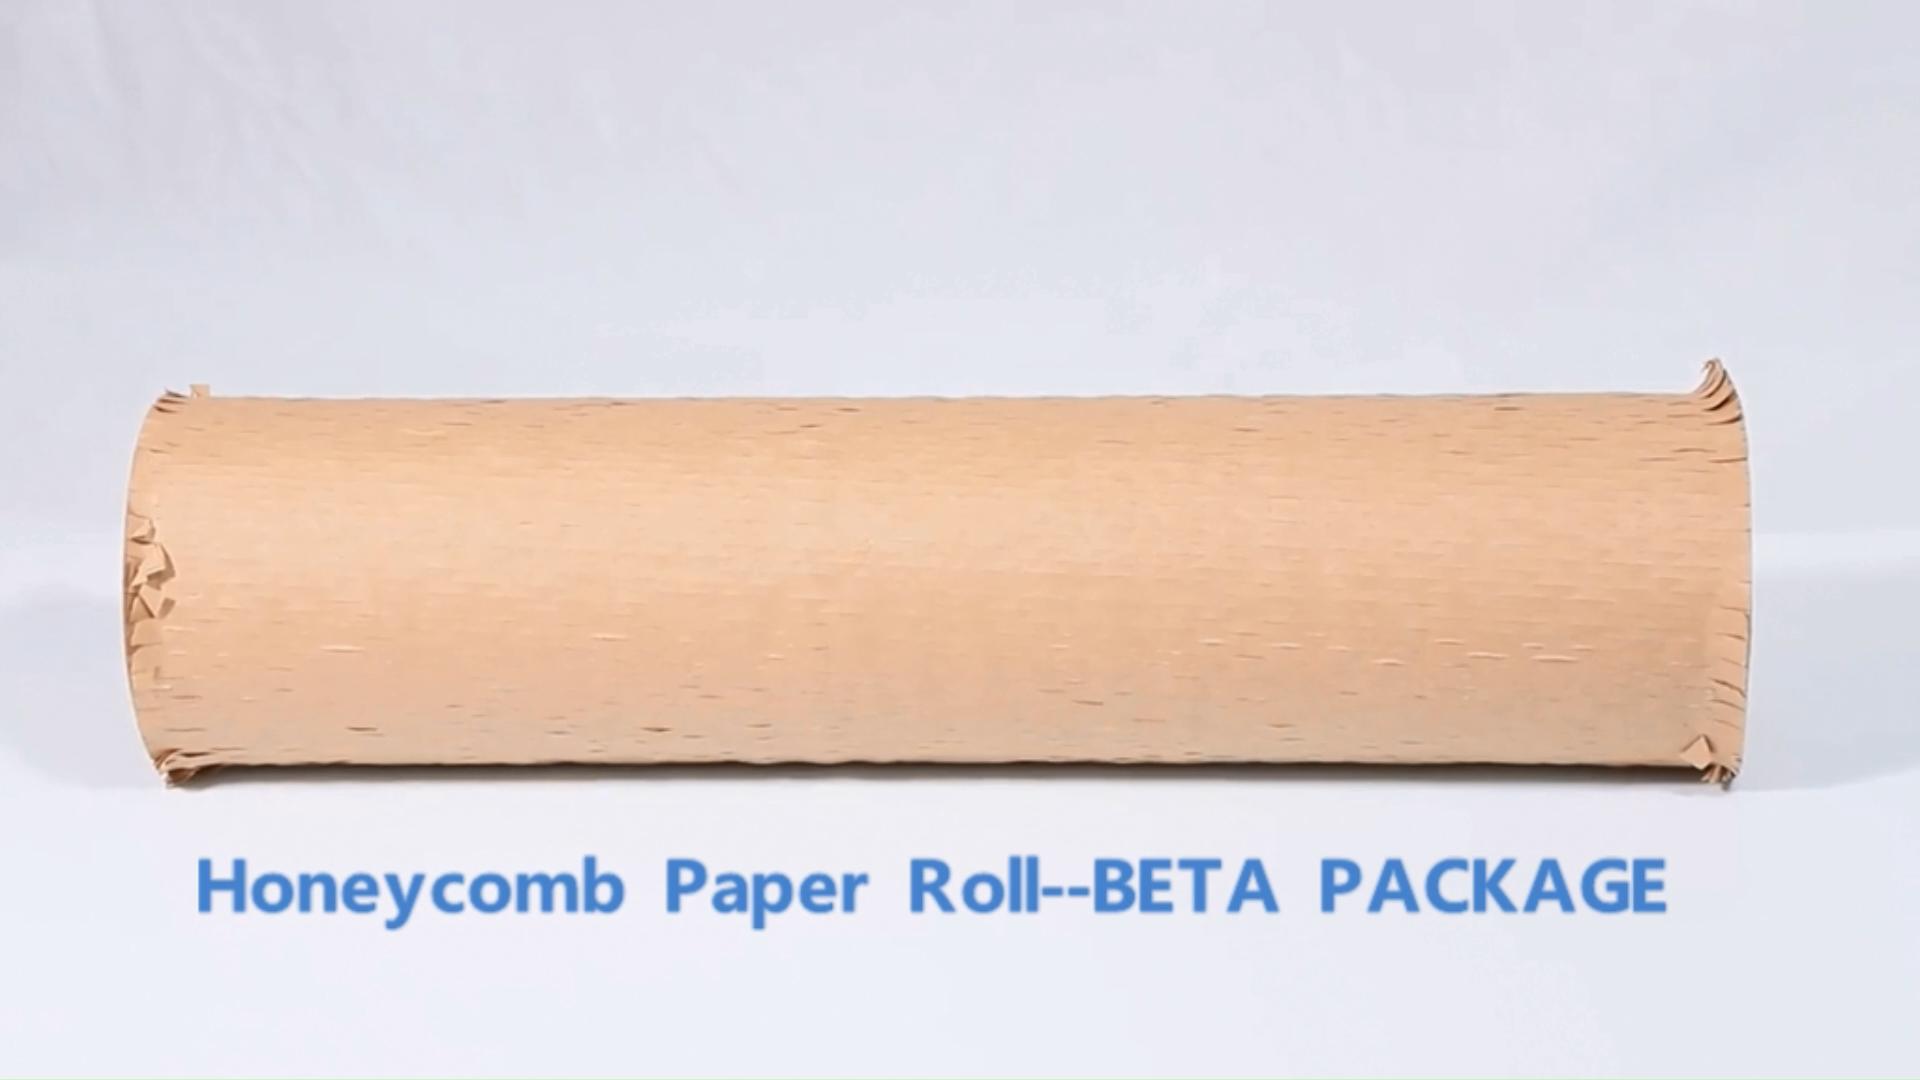 ราคาโรงงานขายส่งขนาดที่กำหนดเองโลโก้รังผึ้งห่อกระดาษม้วน